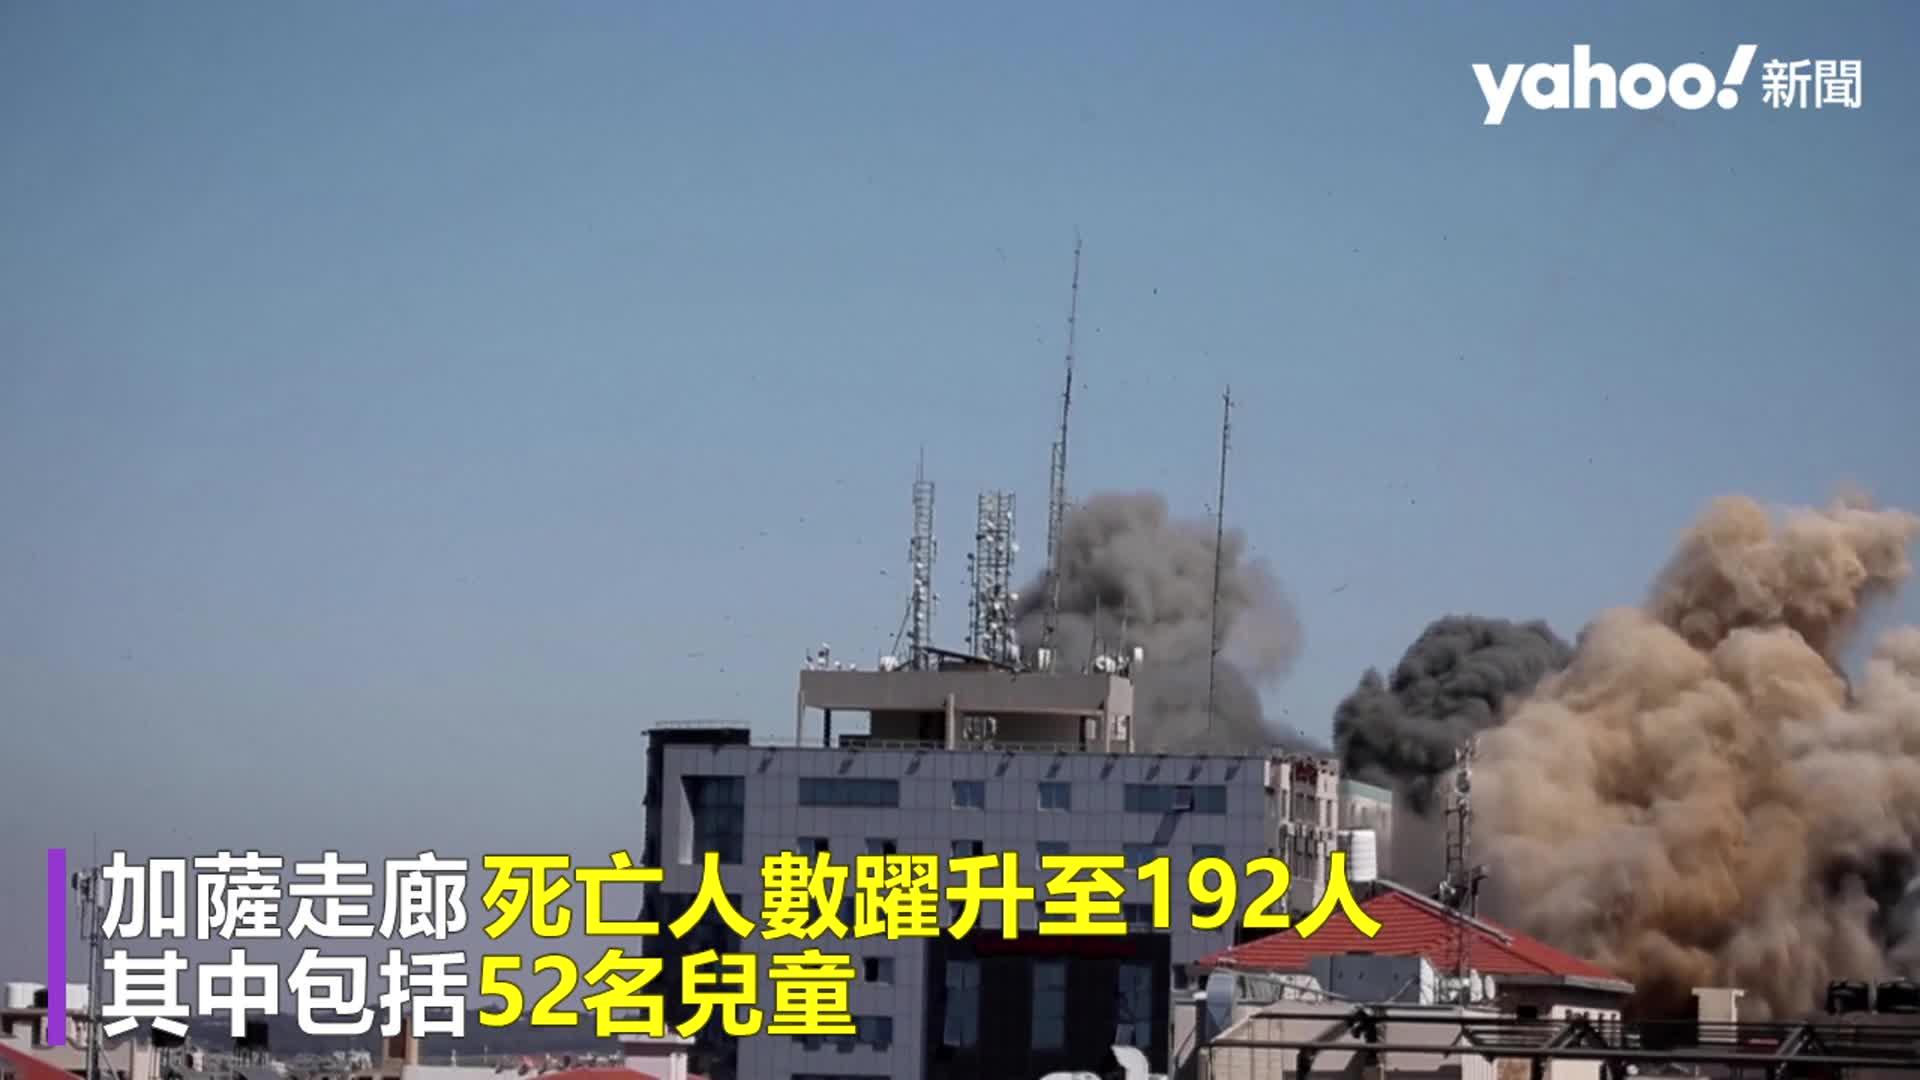 以色列炸毀美聯社等媒體辦公大樓 爆炸前記者急撤畫面曝光